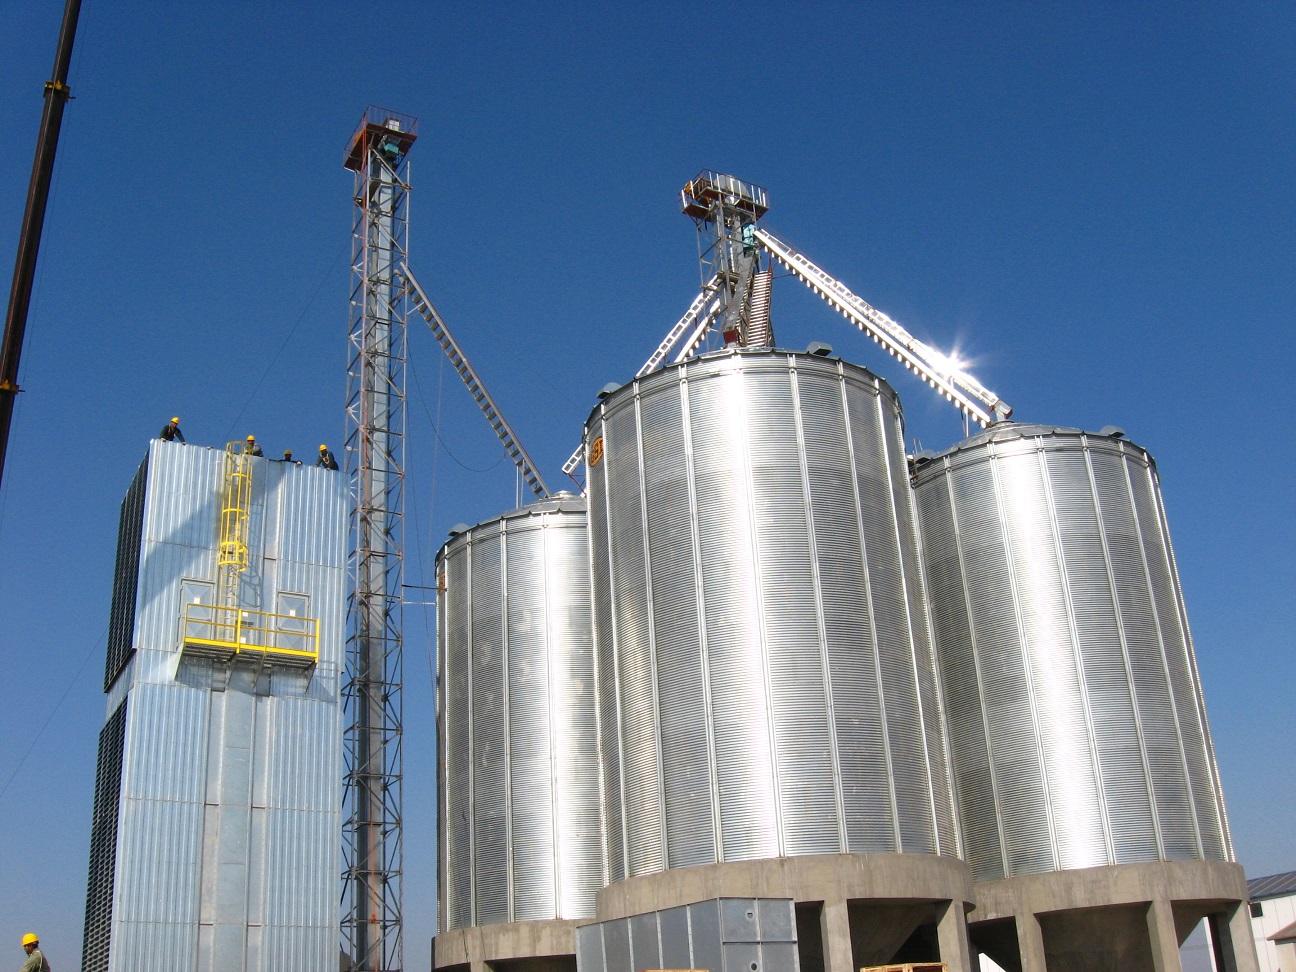 上海连续式稻谷干燥机质量保证,连续式稻谷干燥机